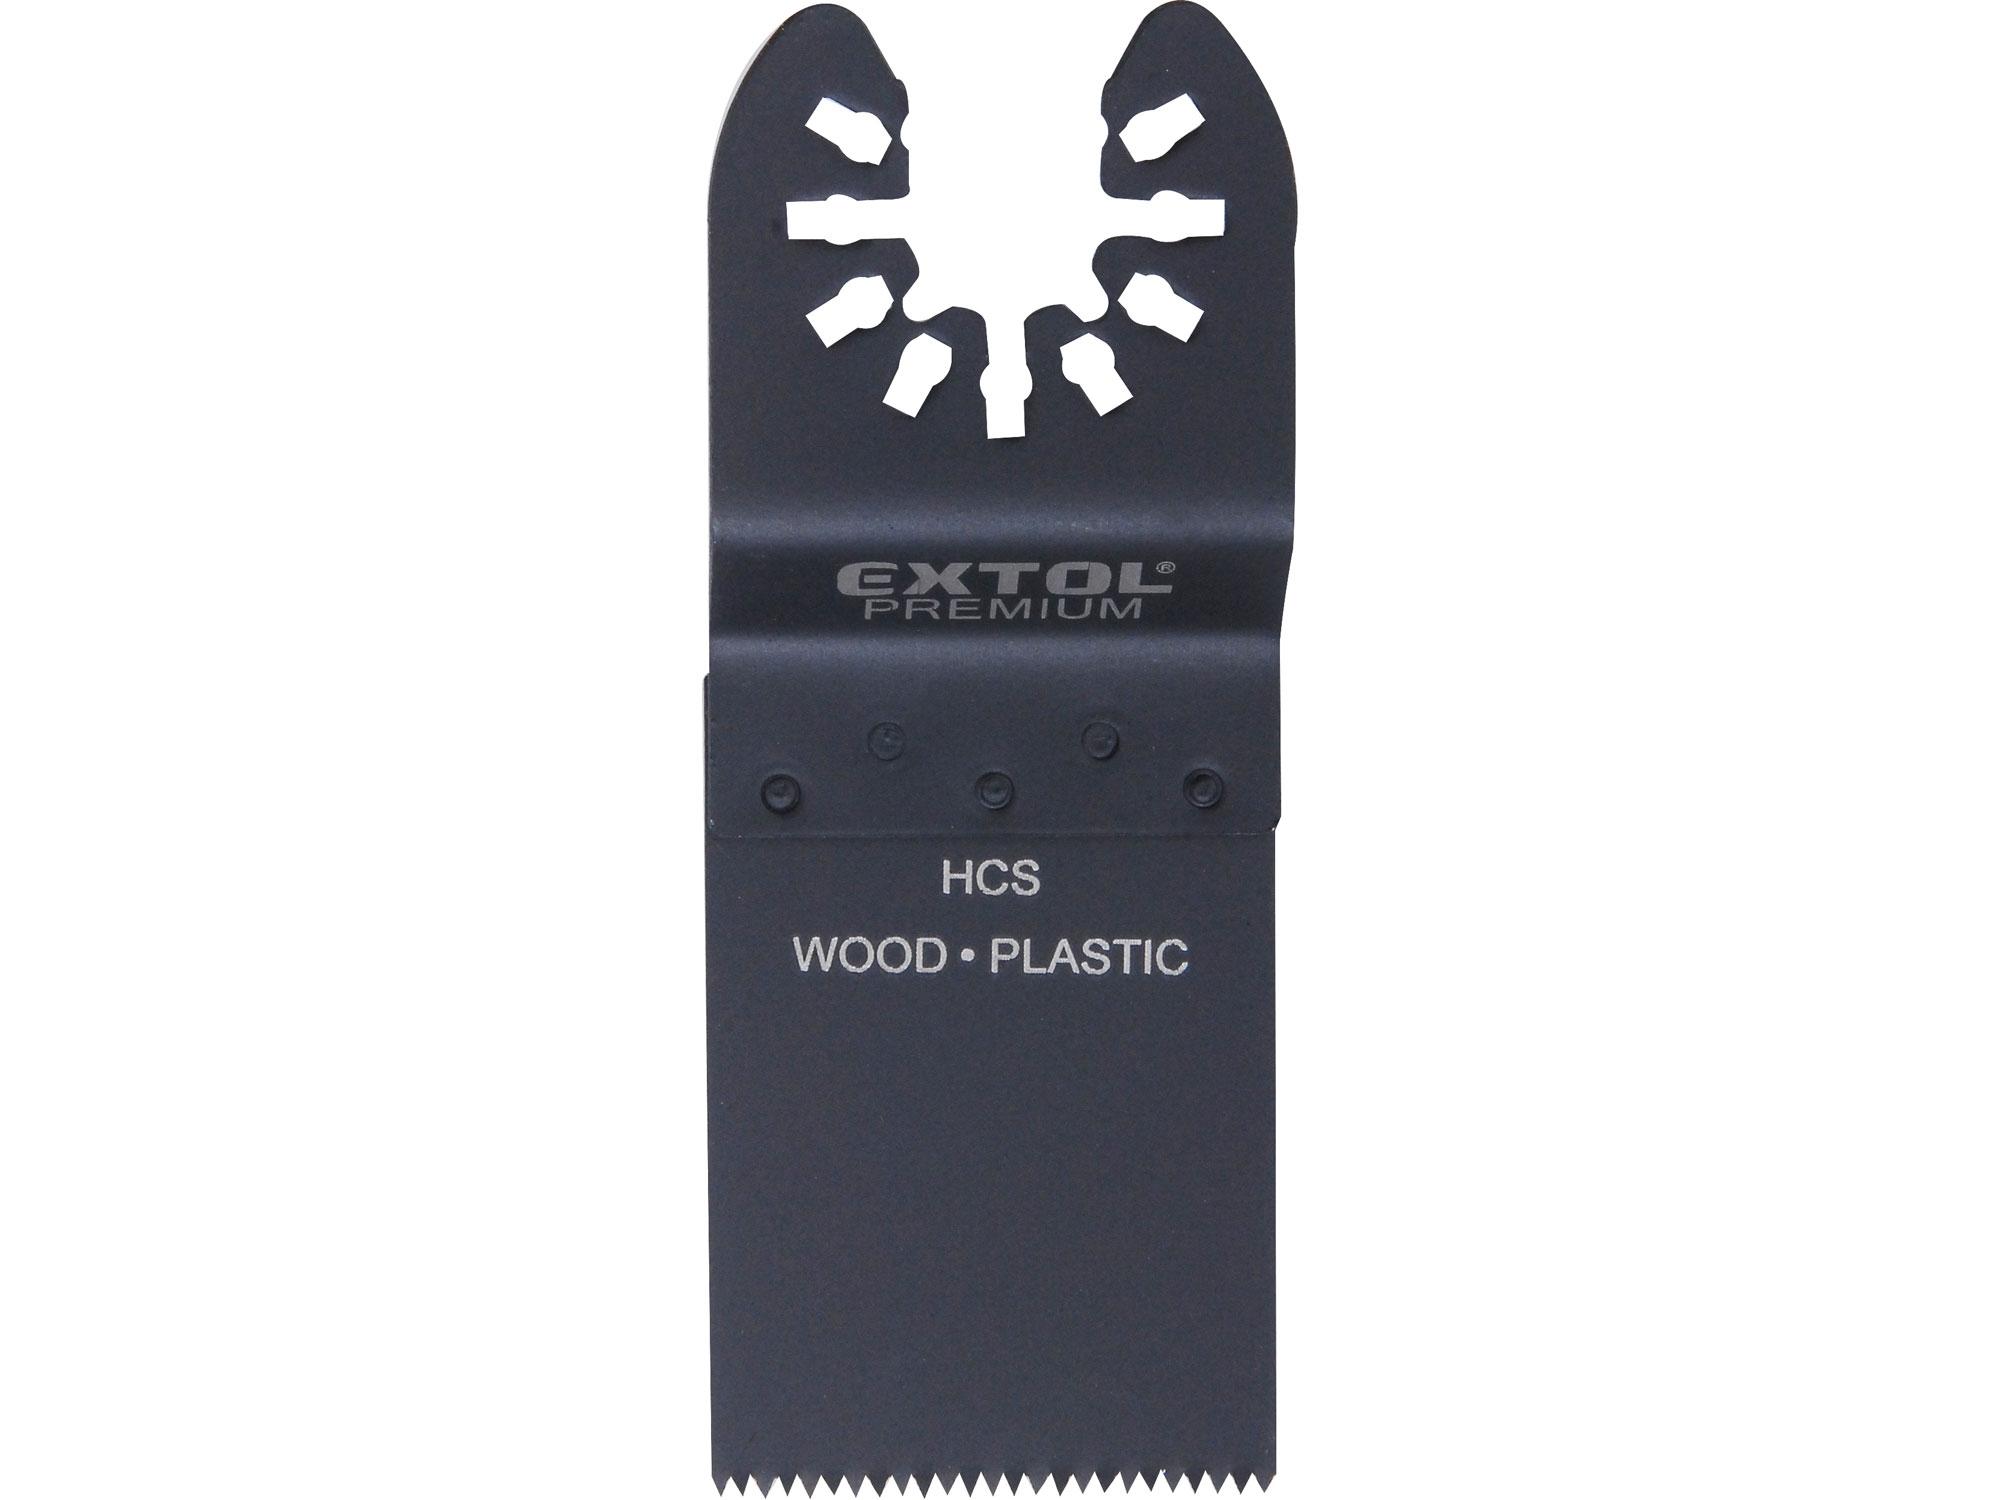 listy pilové zanořovací na dřevo 2ks, 34mm, HCS